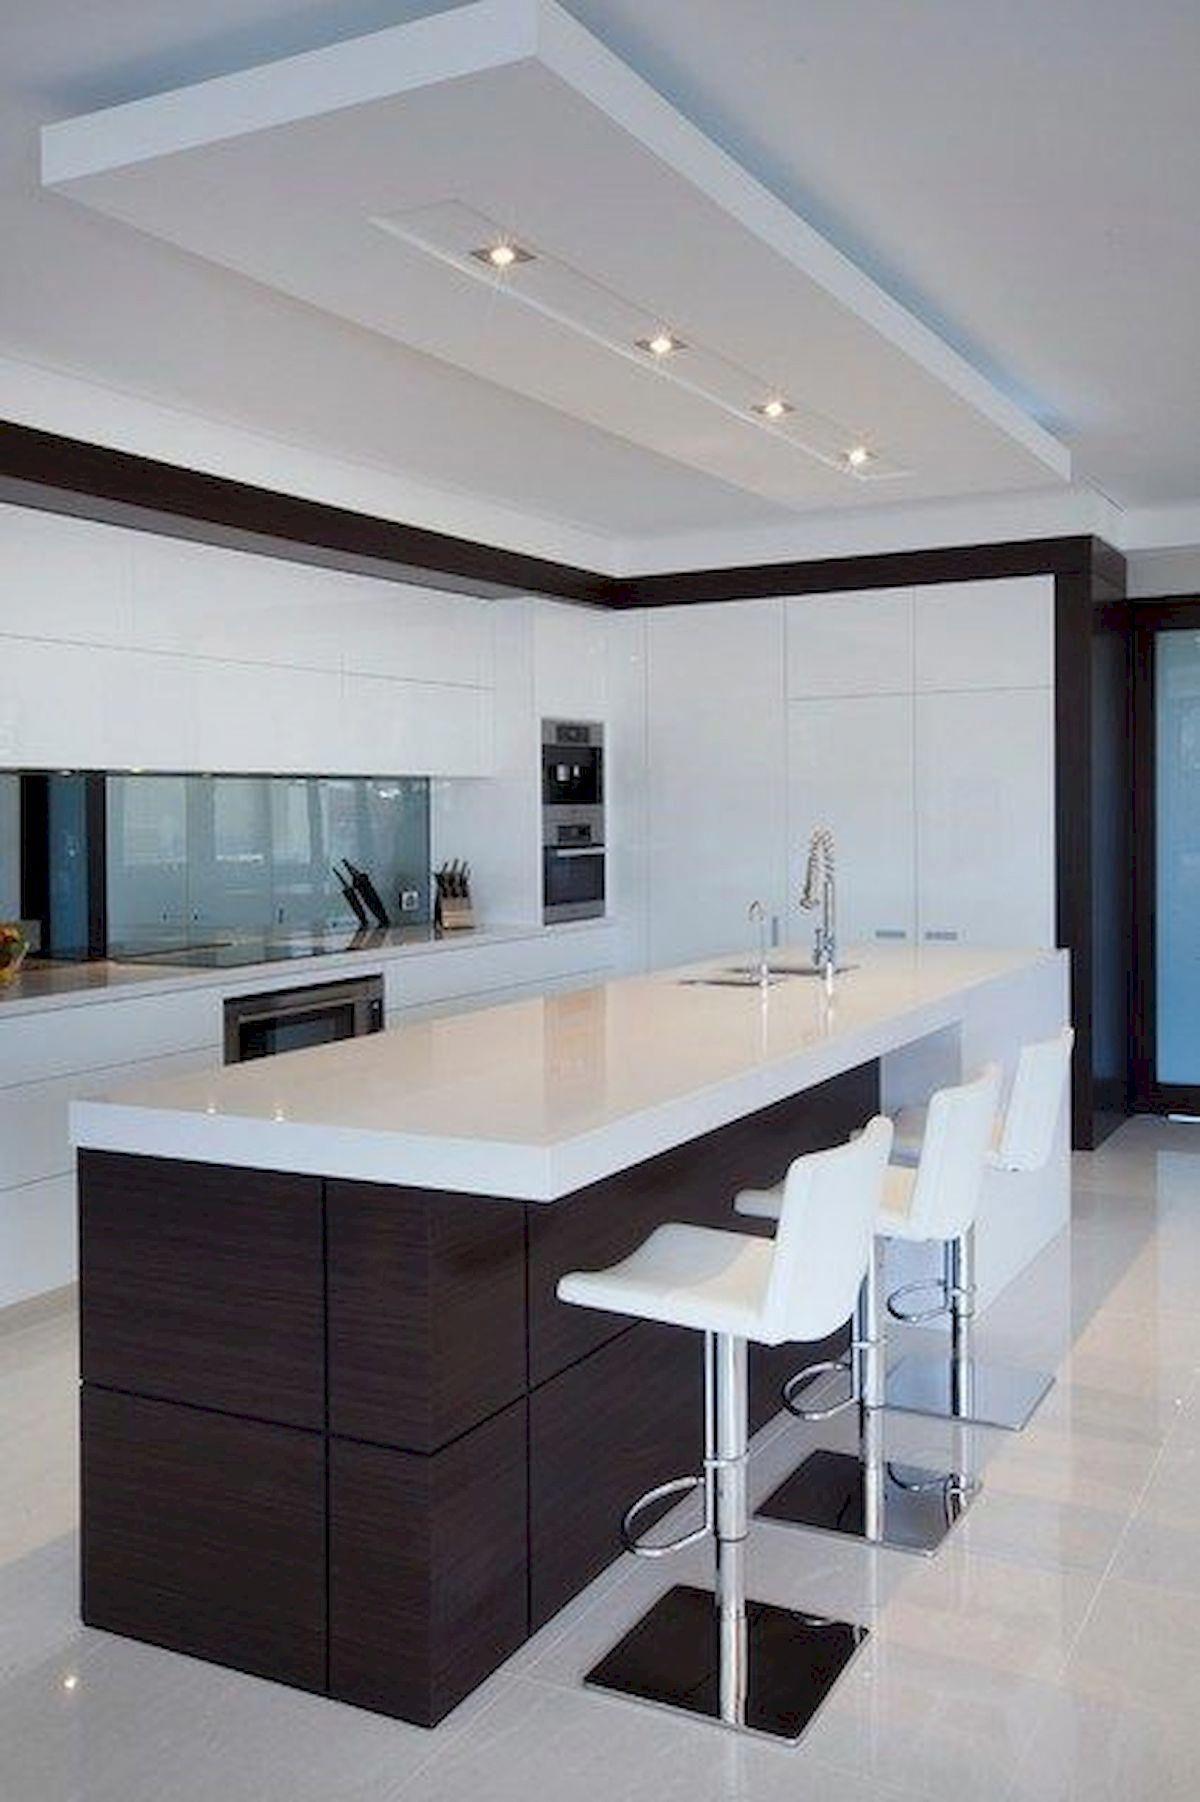 Bestkitcheninterior Dream Kitchens Design Modern Kitchen Design